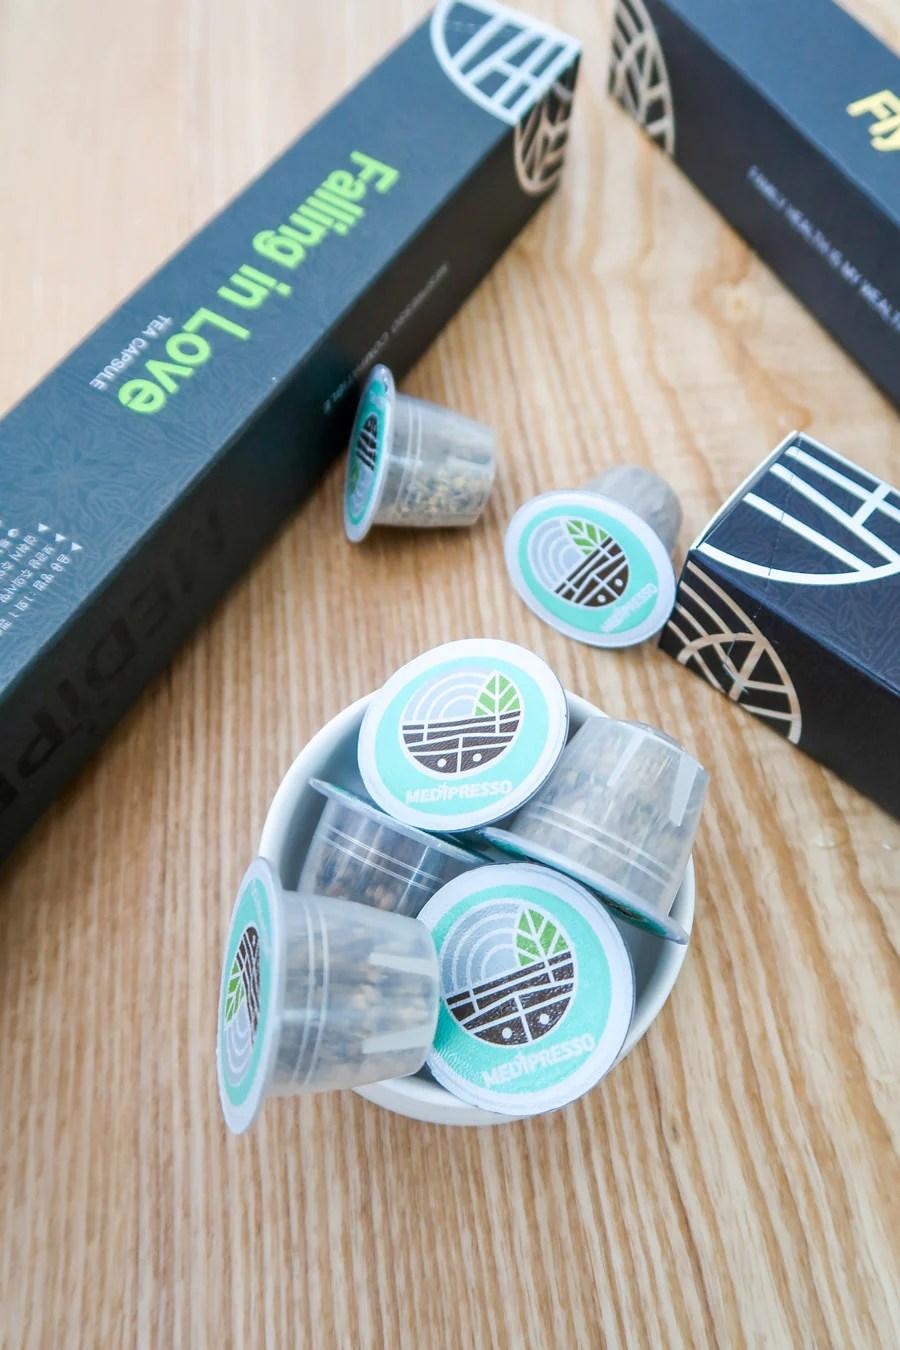 [Medipresso] Nespresso Korean Herbal Tea Capsules – Gochujar